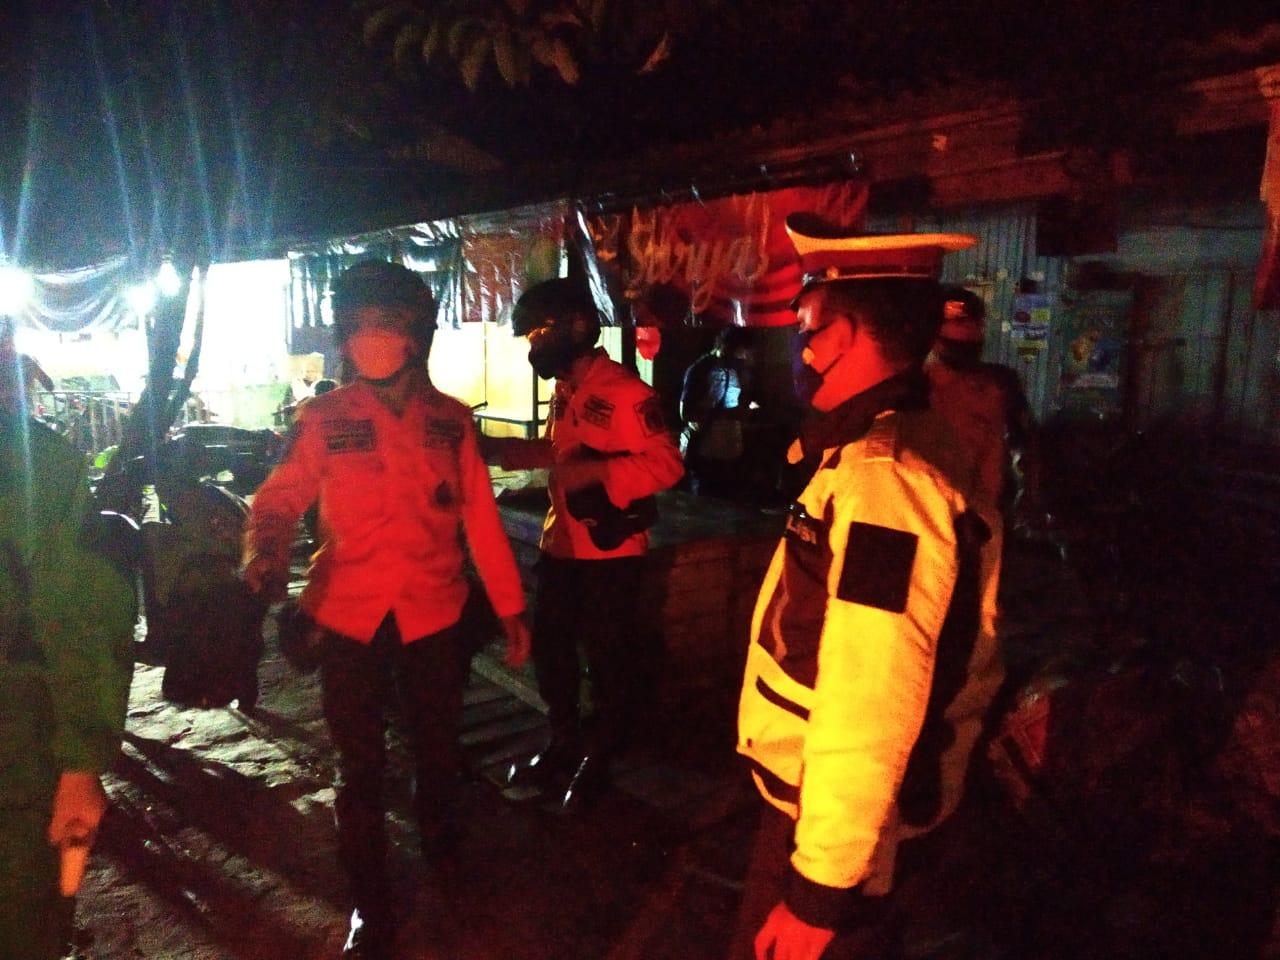 Masih Ada Yang Nongkrong di Kafe, Polisi Segera Bubarkan Kerumunan